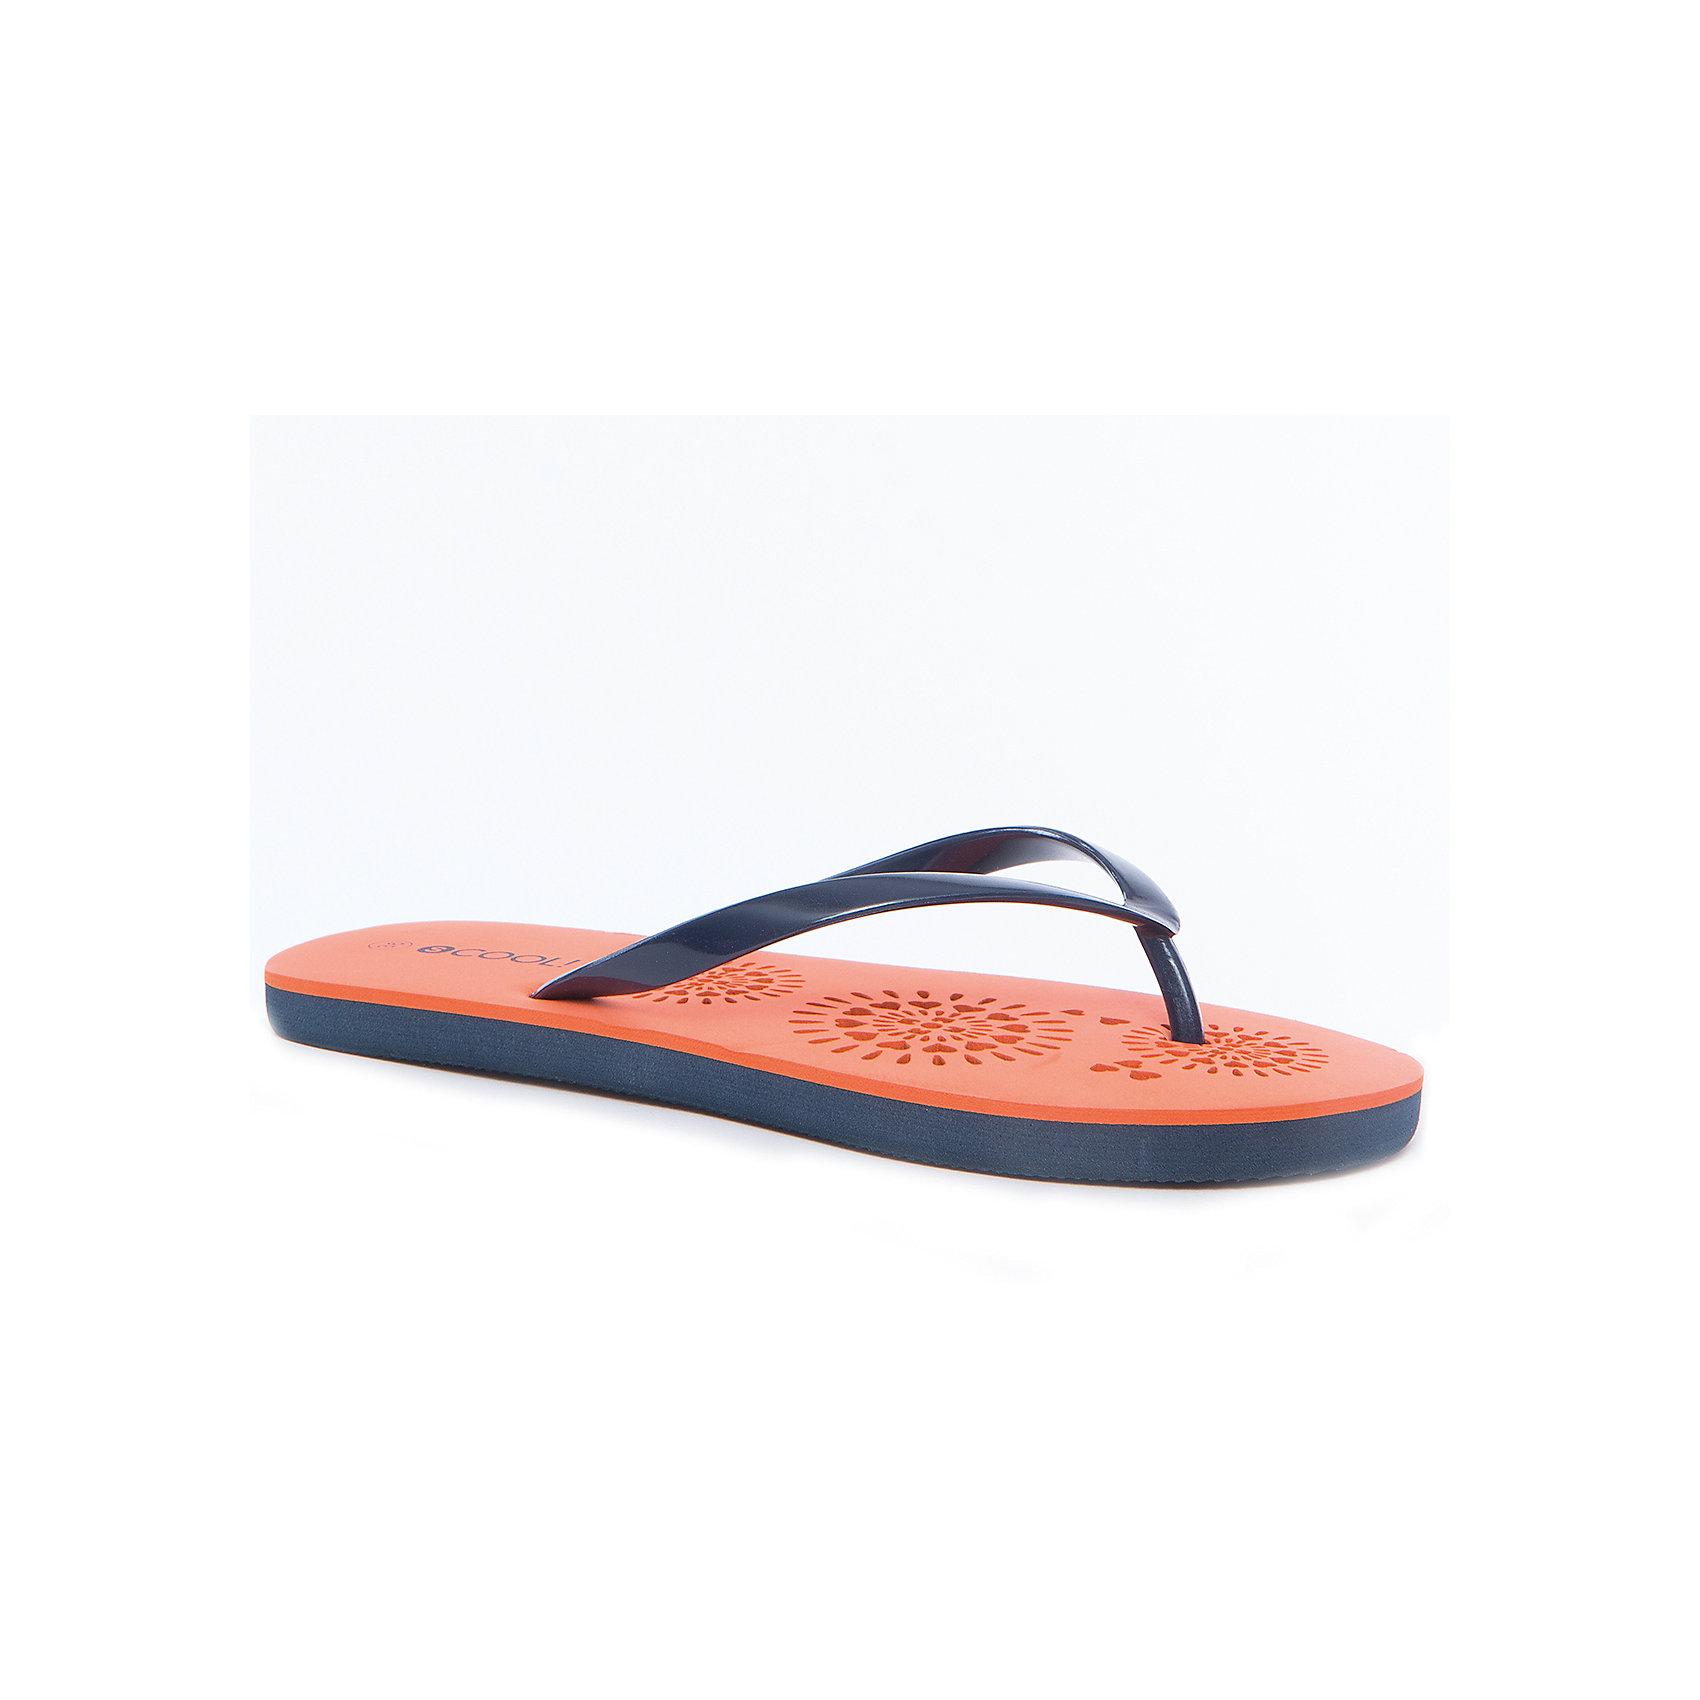 Шлепанцы для девочки ScoolПляжная обувь<br>Характеристики товара:<br><br>• цвет: оранжевый/синий<br>• состав: 100% этилвинилацетат<br>• сезон: лето<br>• подходят для пляжа и для занятий в бассейне<br>• страна бренда: Германия<br>• страна производства: Китай<br><br>Пляжные шлепанцы для девочки Scool. Вьетнамки выполнены из мягкого водонепроницаемого материала. Контрасный рисунок подошвы выгодно отличает данное изделие.<br><br>Пантолеты для девочки от известного бренда Scool можно купить в нашем интернет-магазине.<br><br>Ширина мм: 225<br>Глубина мм: 139<br>Высота мм: 112<br>Вес г: 290<br>Цвет: разноцветный<br>Возраст от месяцев: 168<br>Возраст до месяцев: 1188<br>Пол: Женский<br>Возраст: Детский<br>Размер: 39,38,40,36,37<br>SKU: 5407155